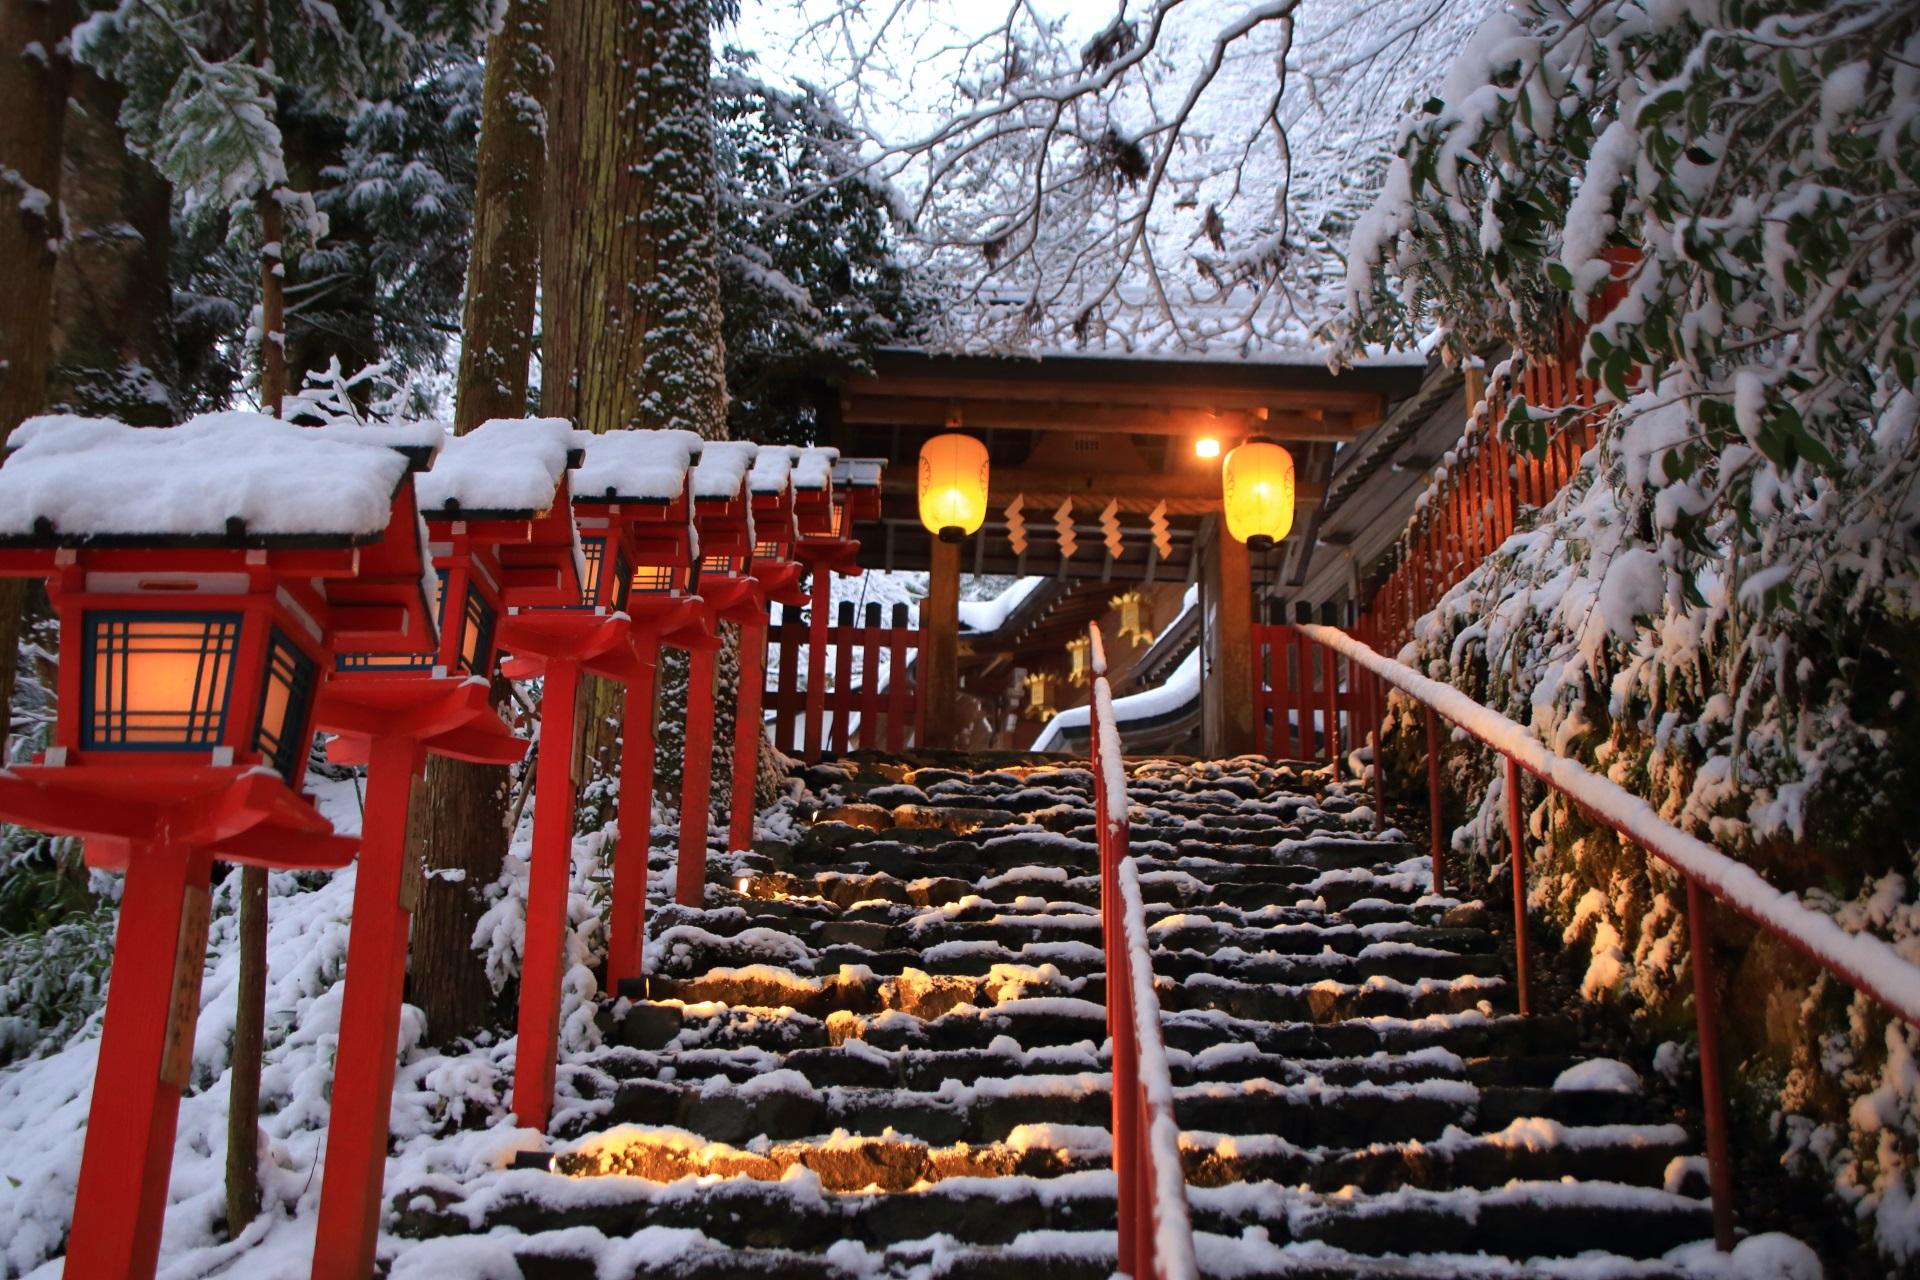 貴船神社の雪の中に佇む明かりの灯る燈籠